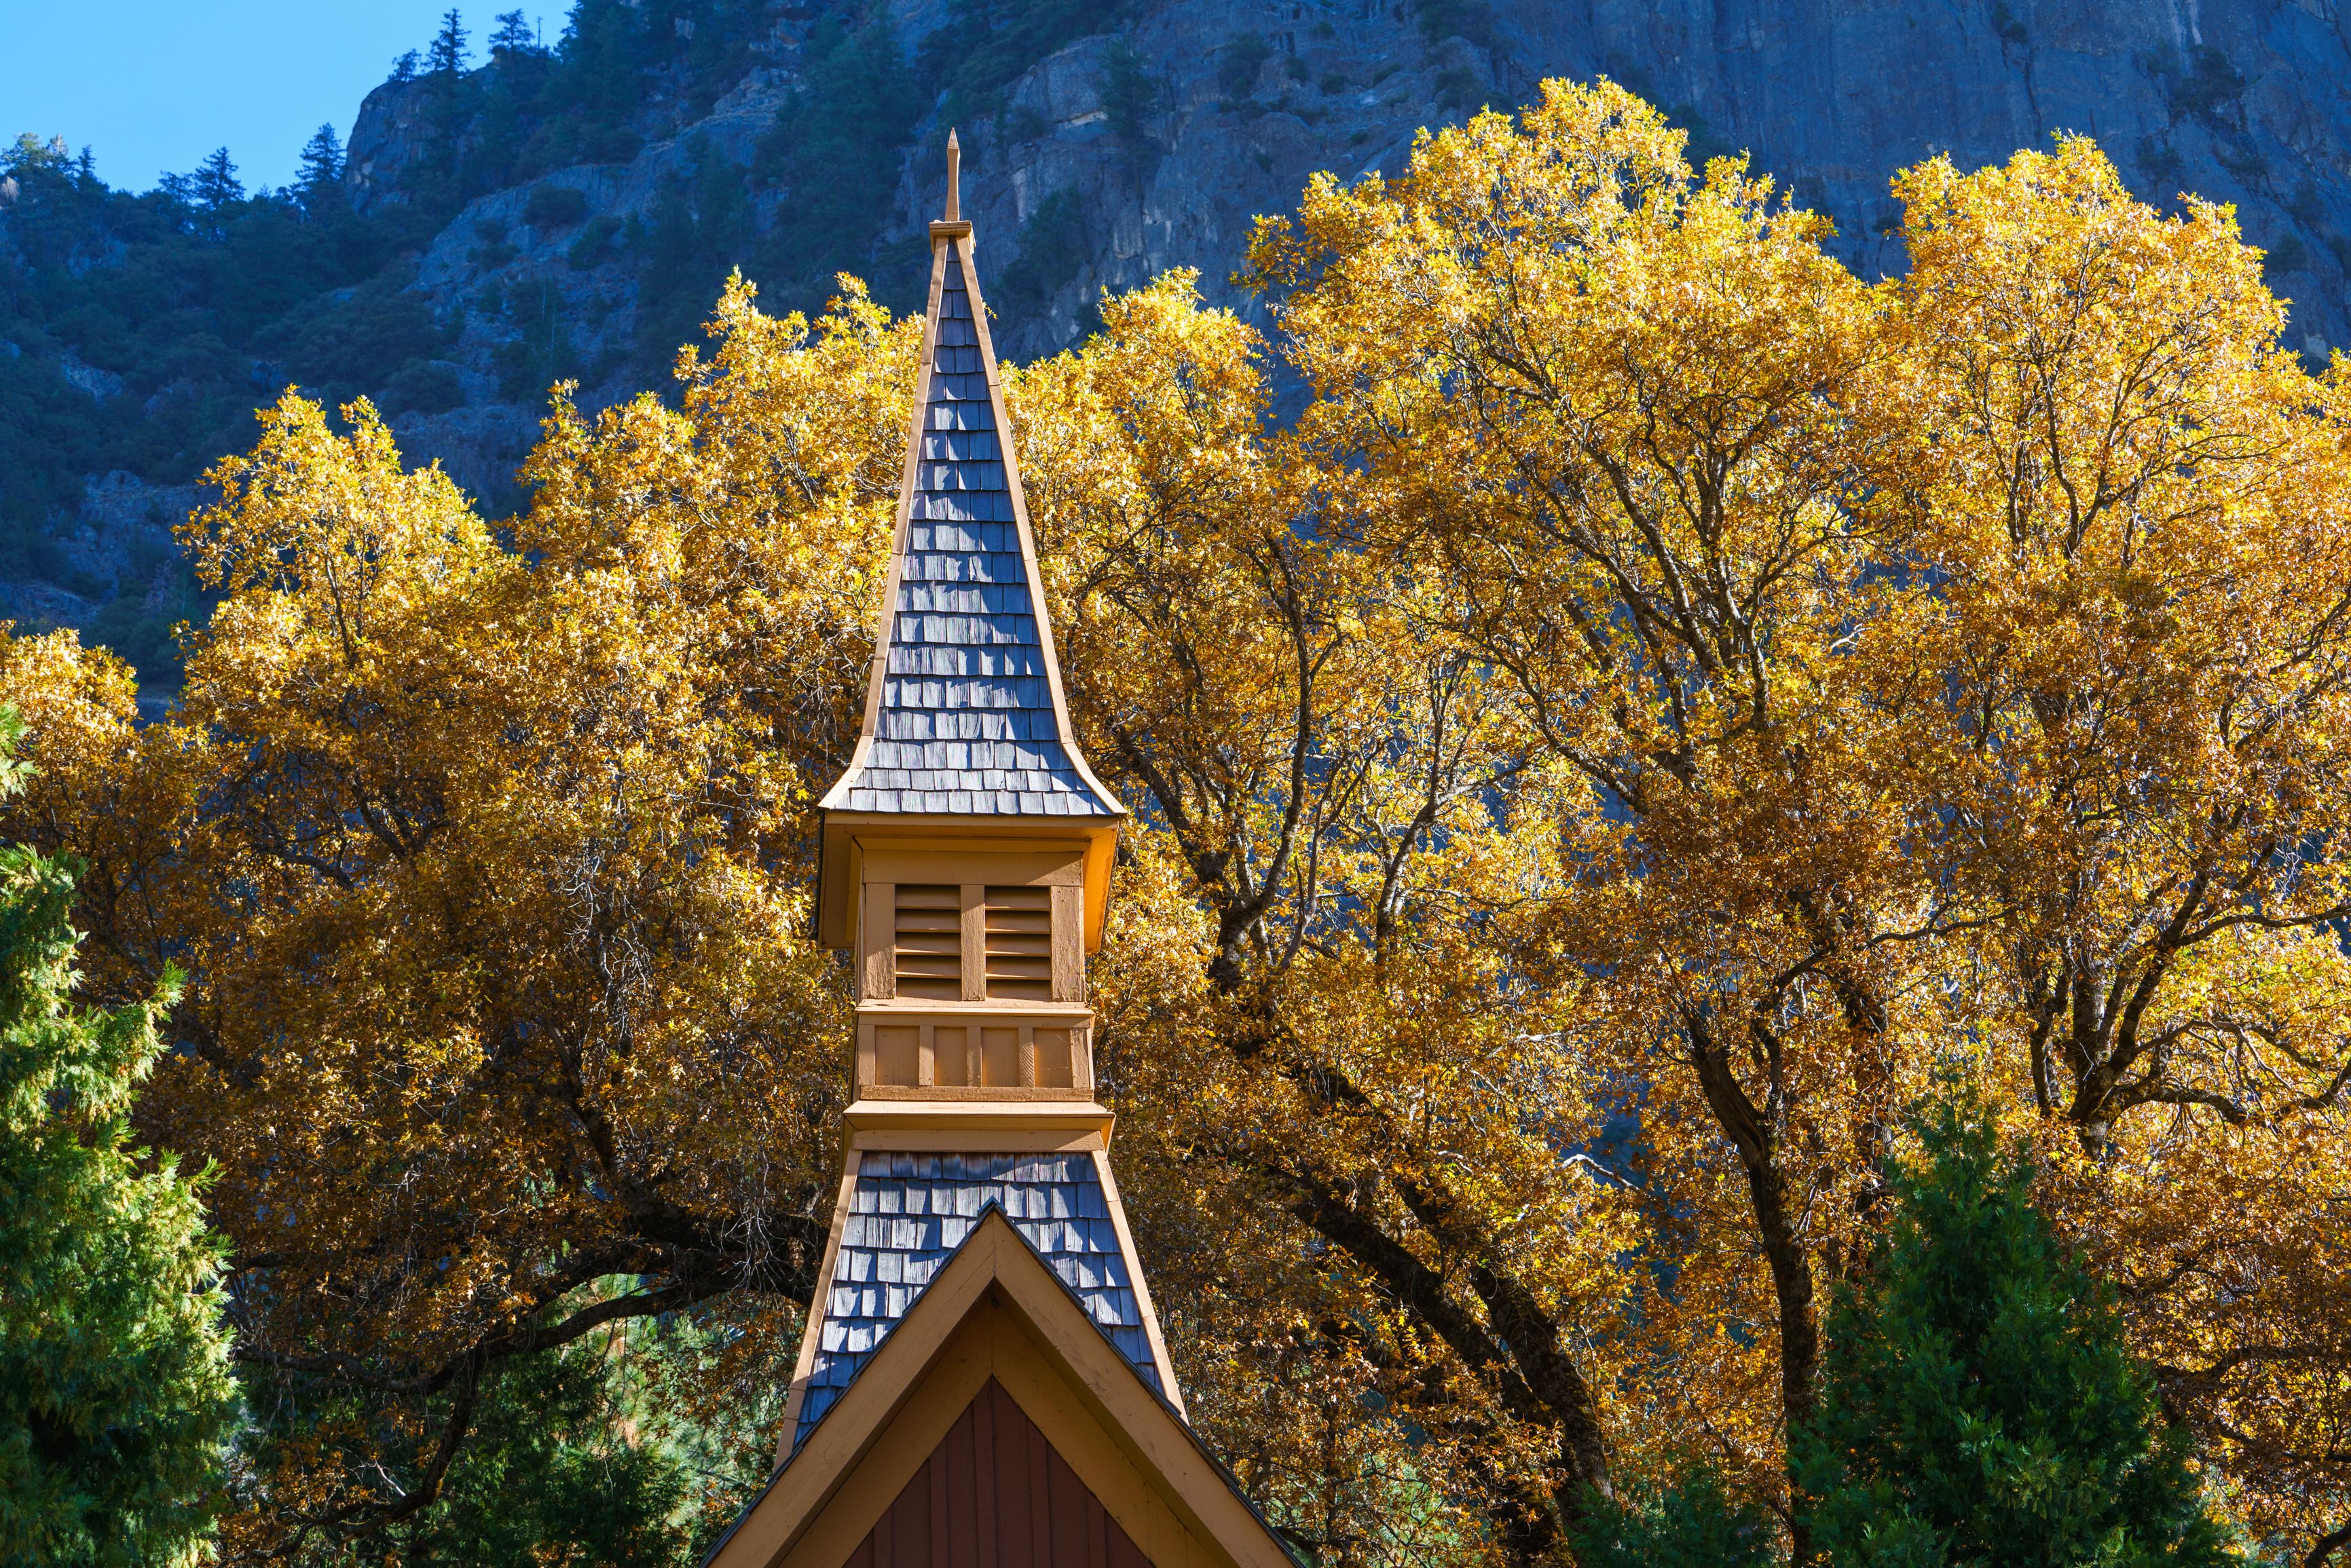 Yosemite National Park, fall, Yosemite Chapel, church, black oak